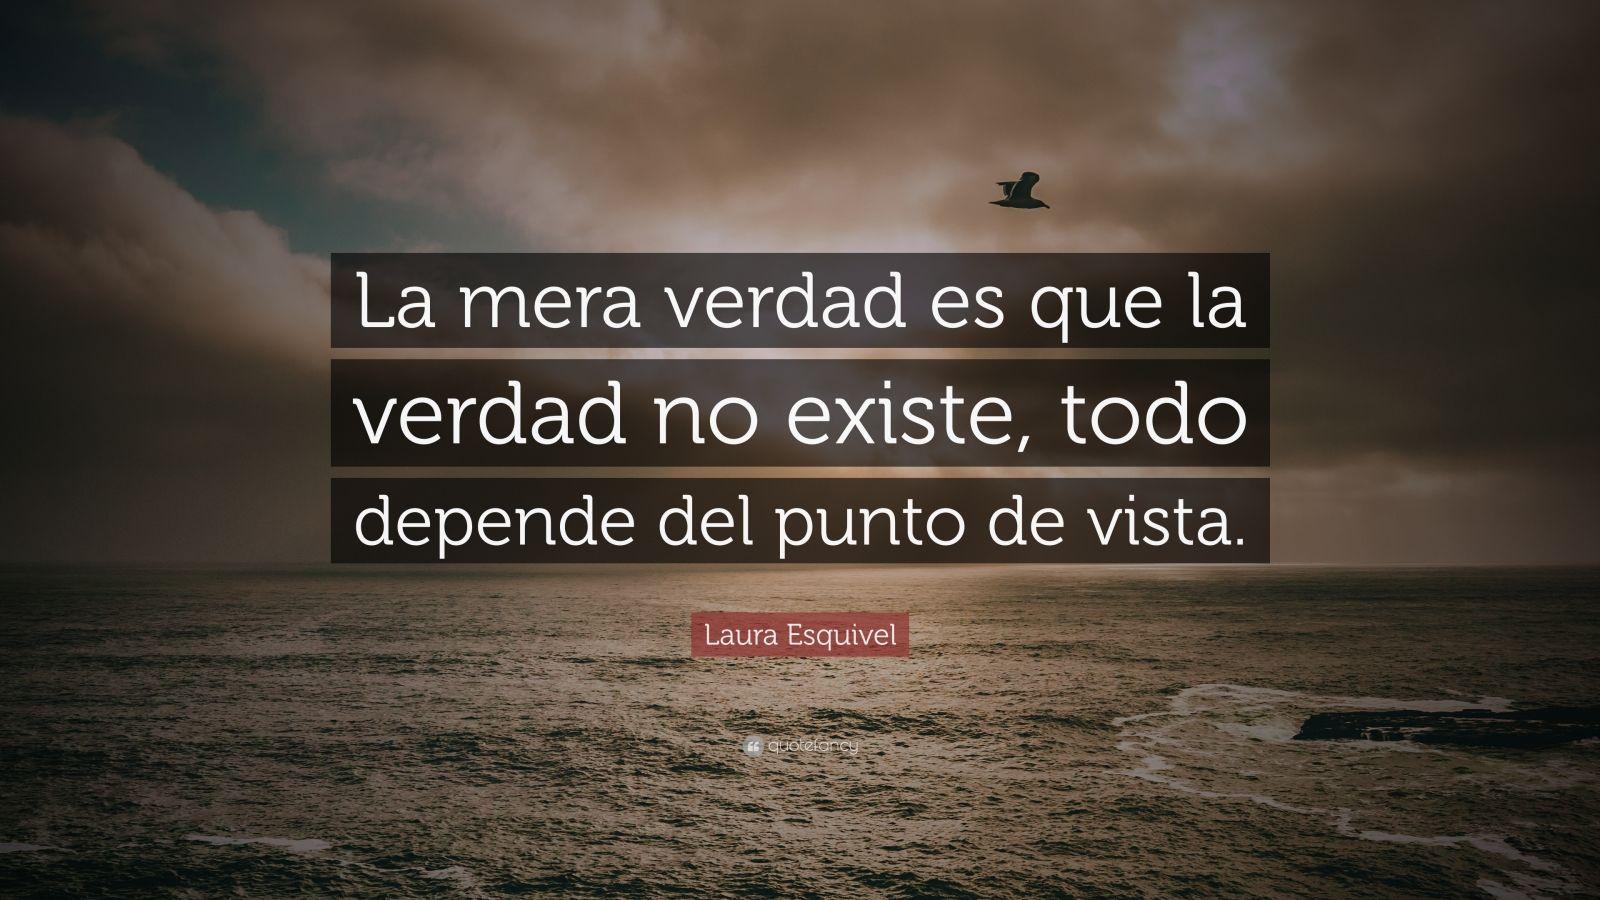 """Cita de Laura Esquivel: """"La verdad es que la verdad no existe, todo depende del punto de vista""""."""